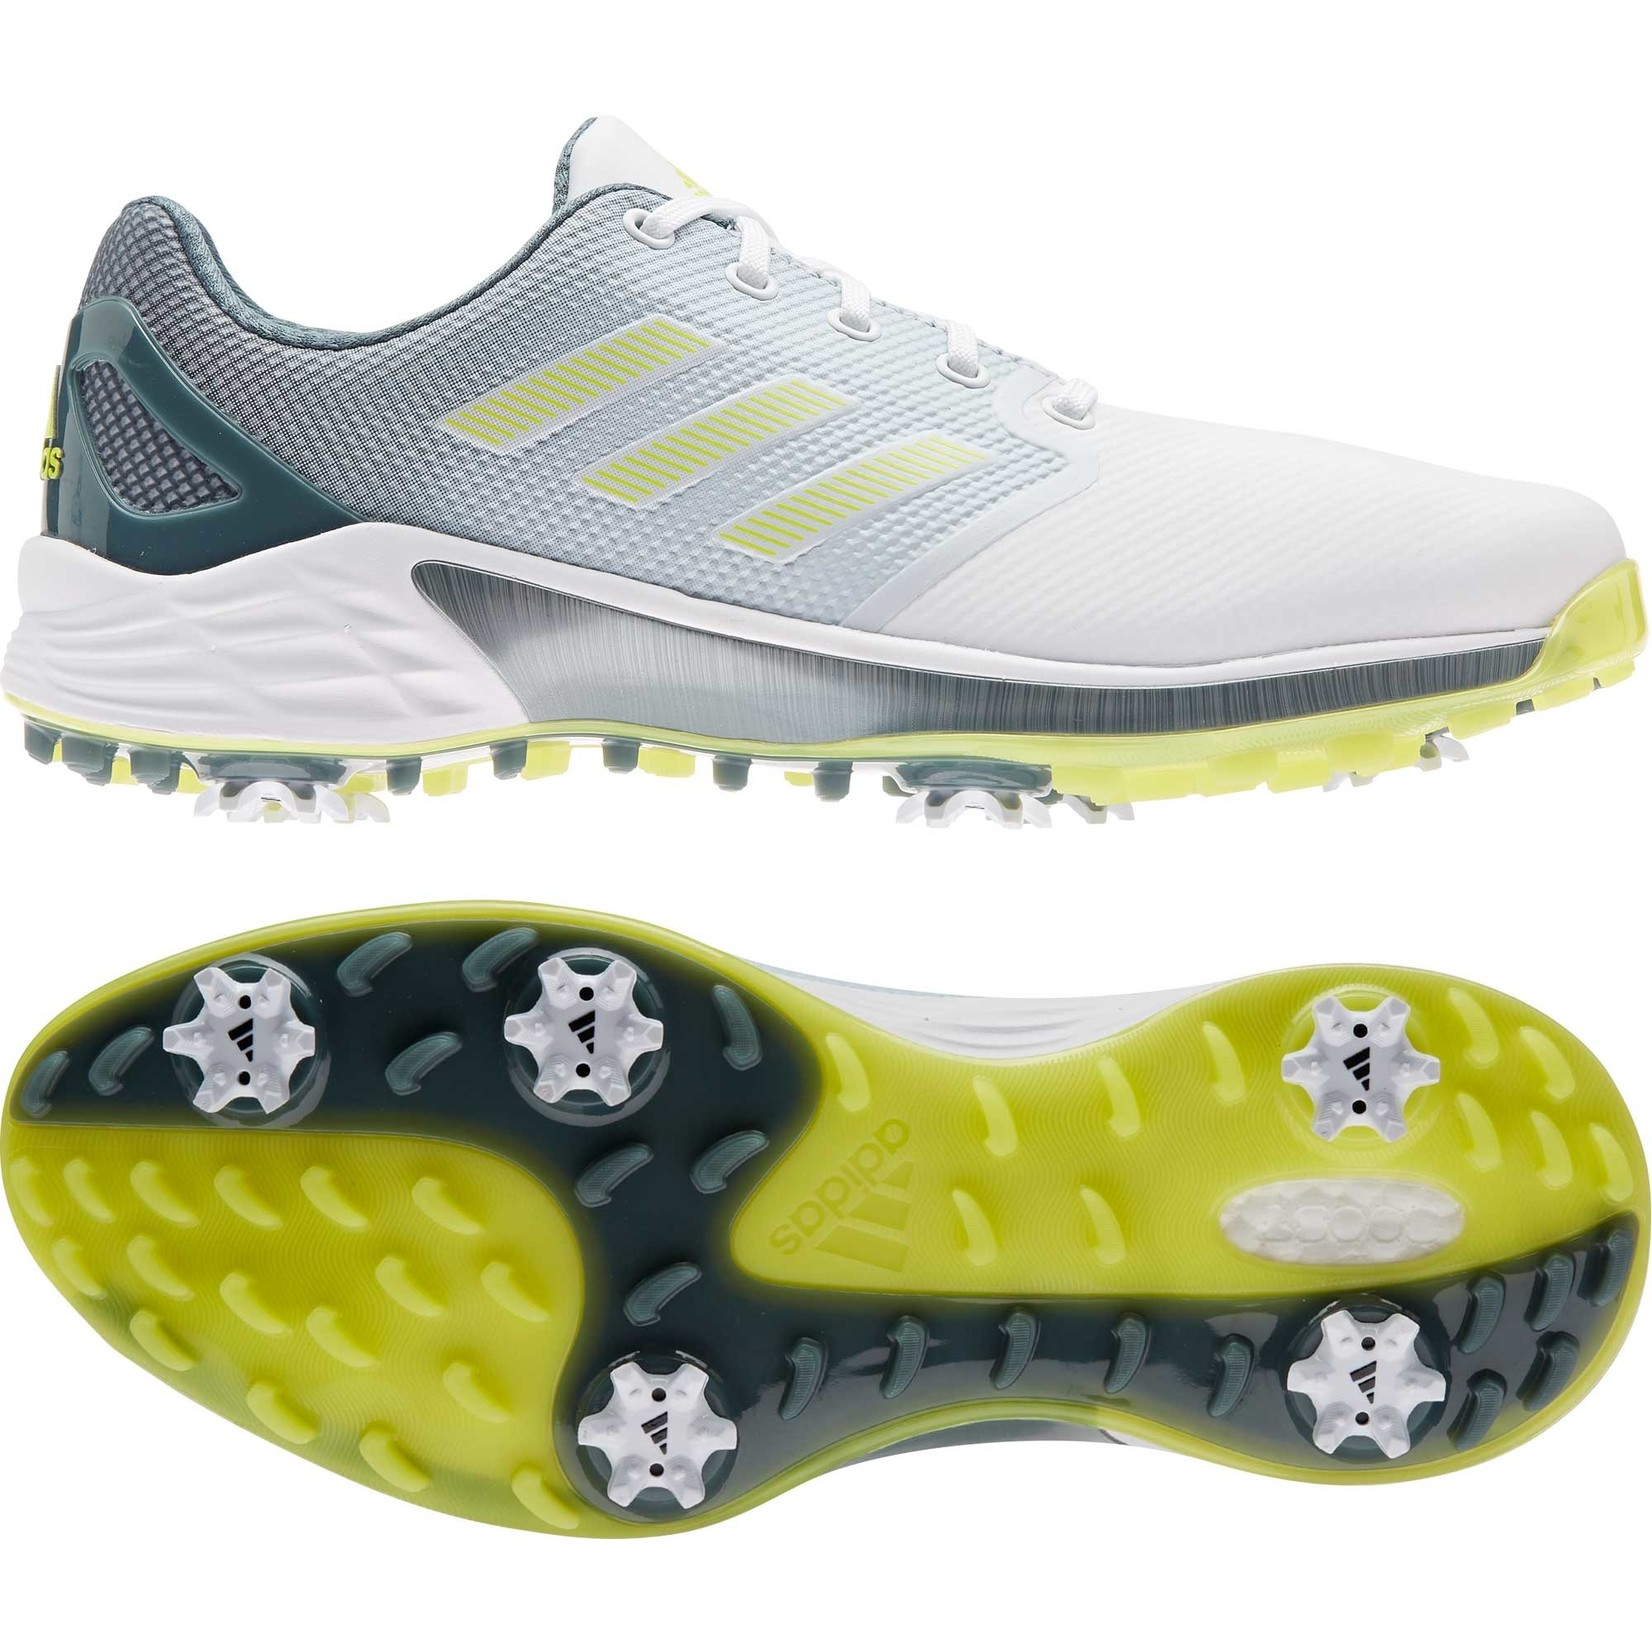 Adidas ZG21